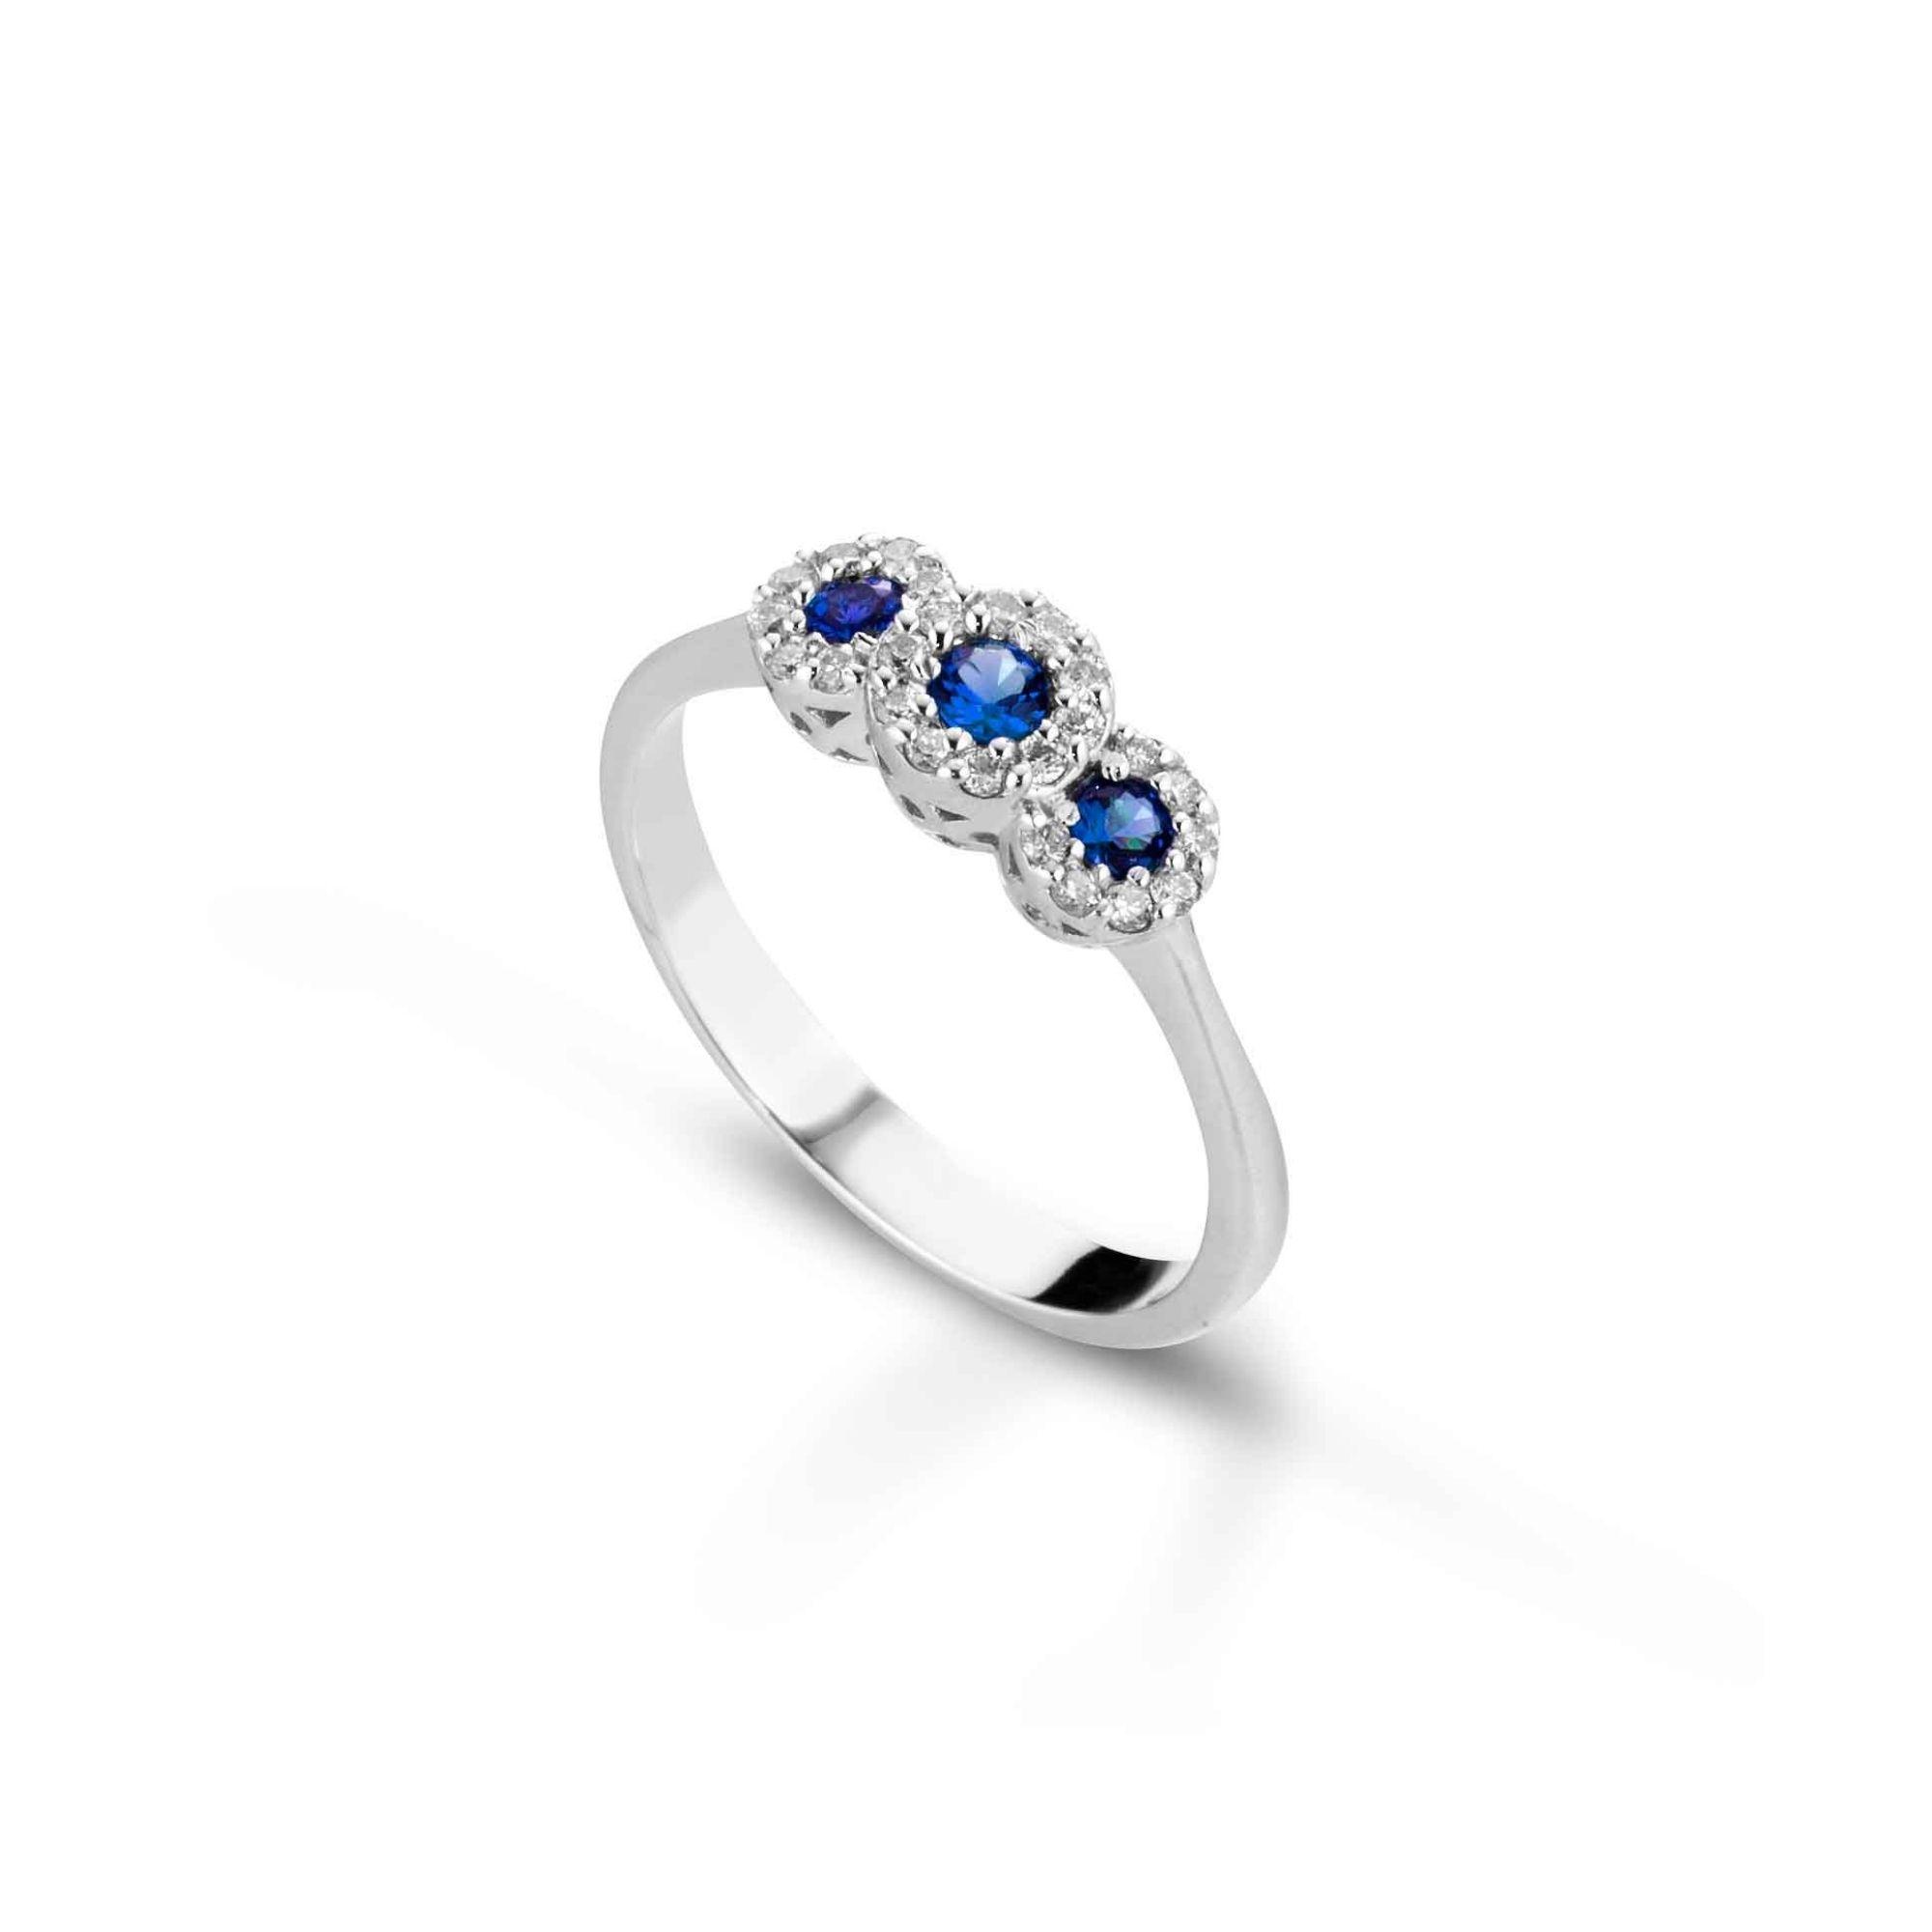 Anello trilogy con diamanti e zaffiri Trilogy ring with diamonds and sapphires sconto discount ab